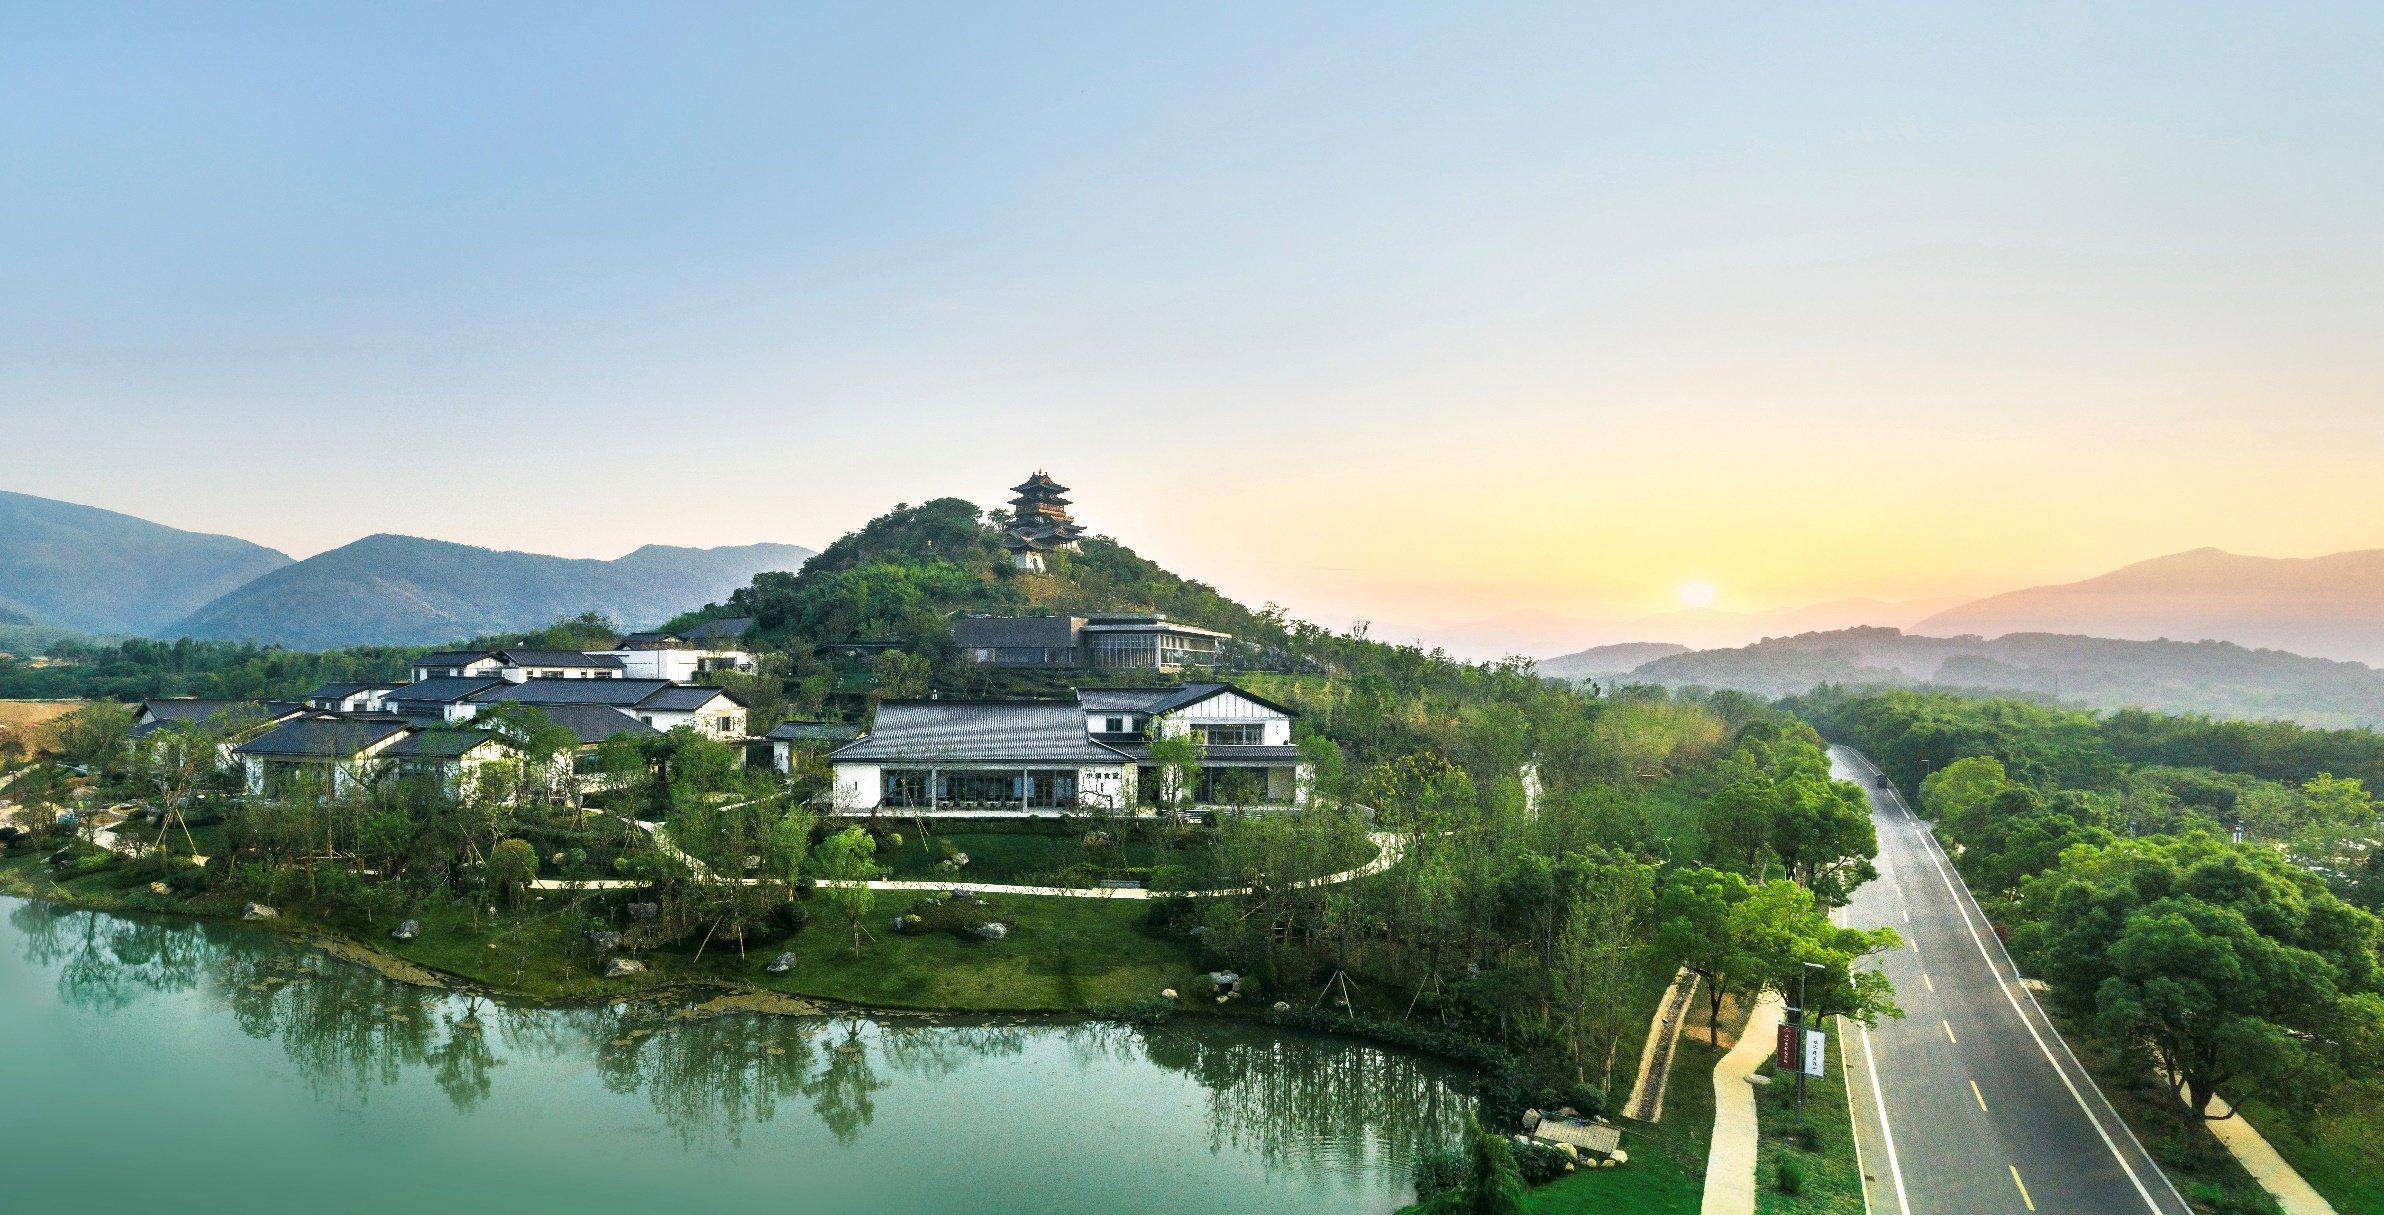 中国で展開中の高齢者向けウェルネススマートタウン